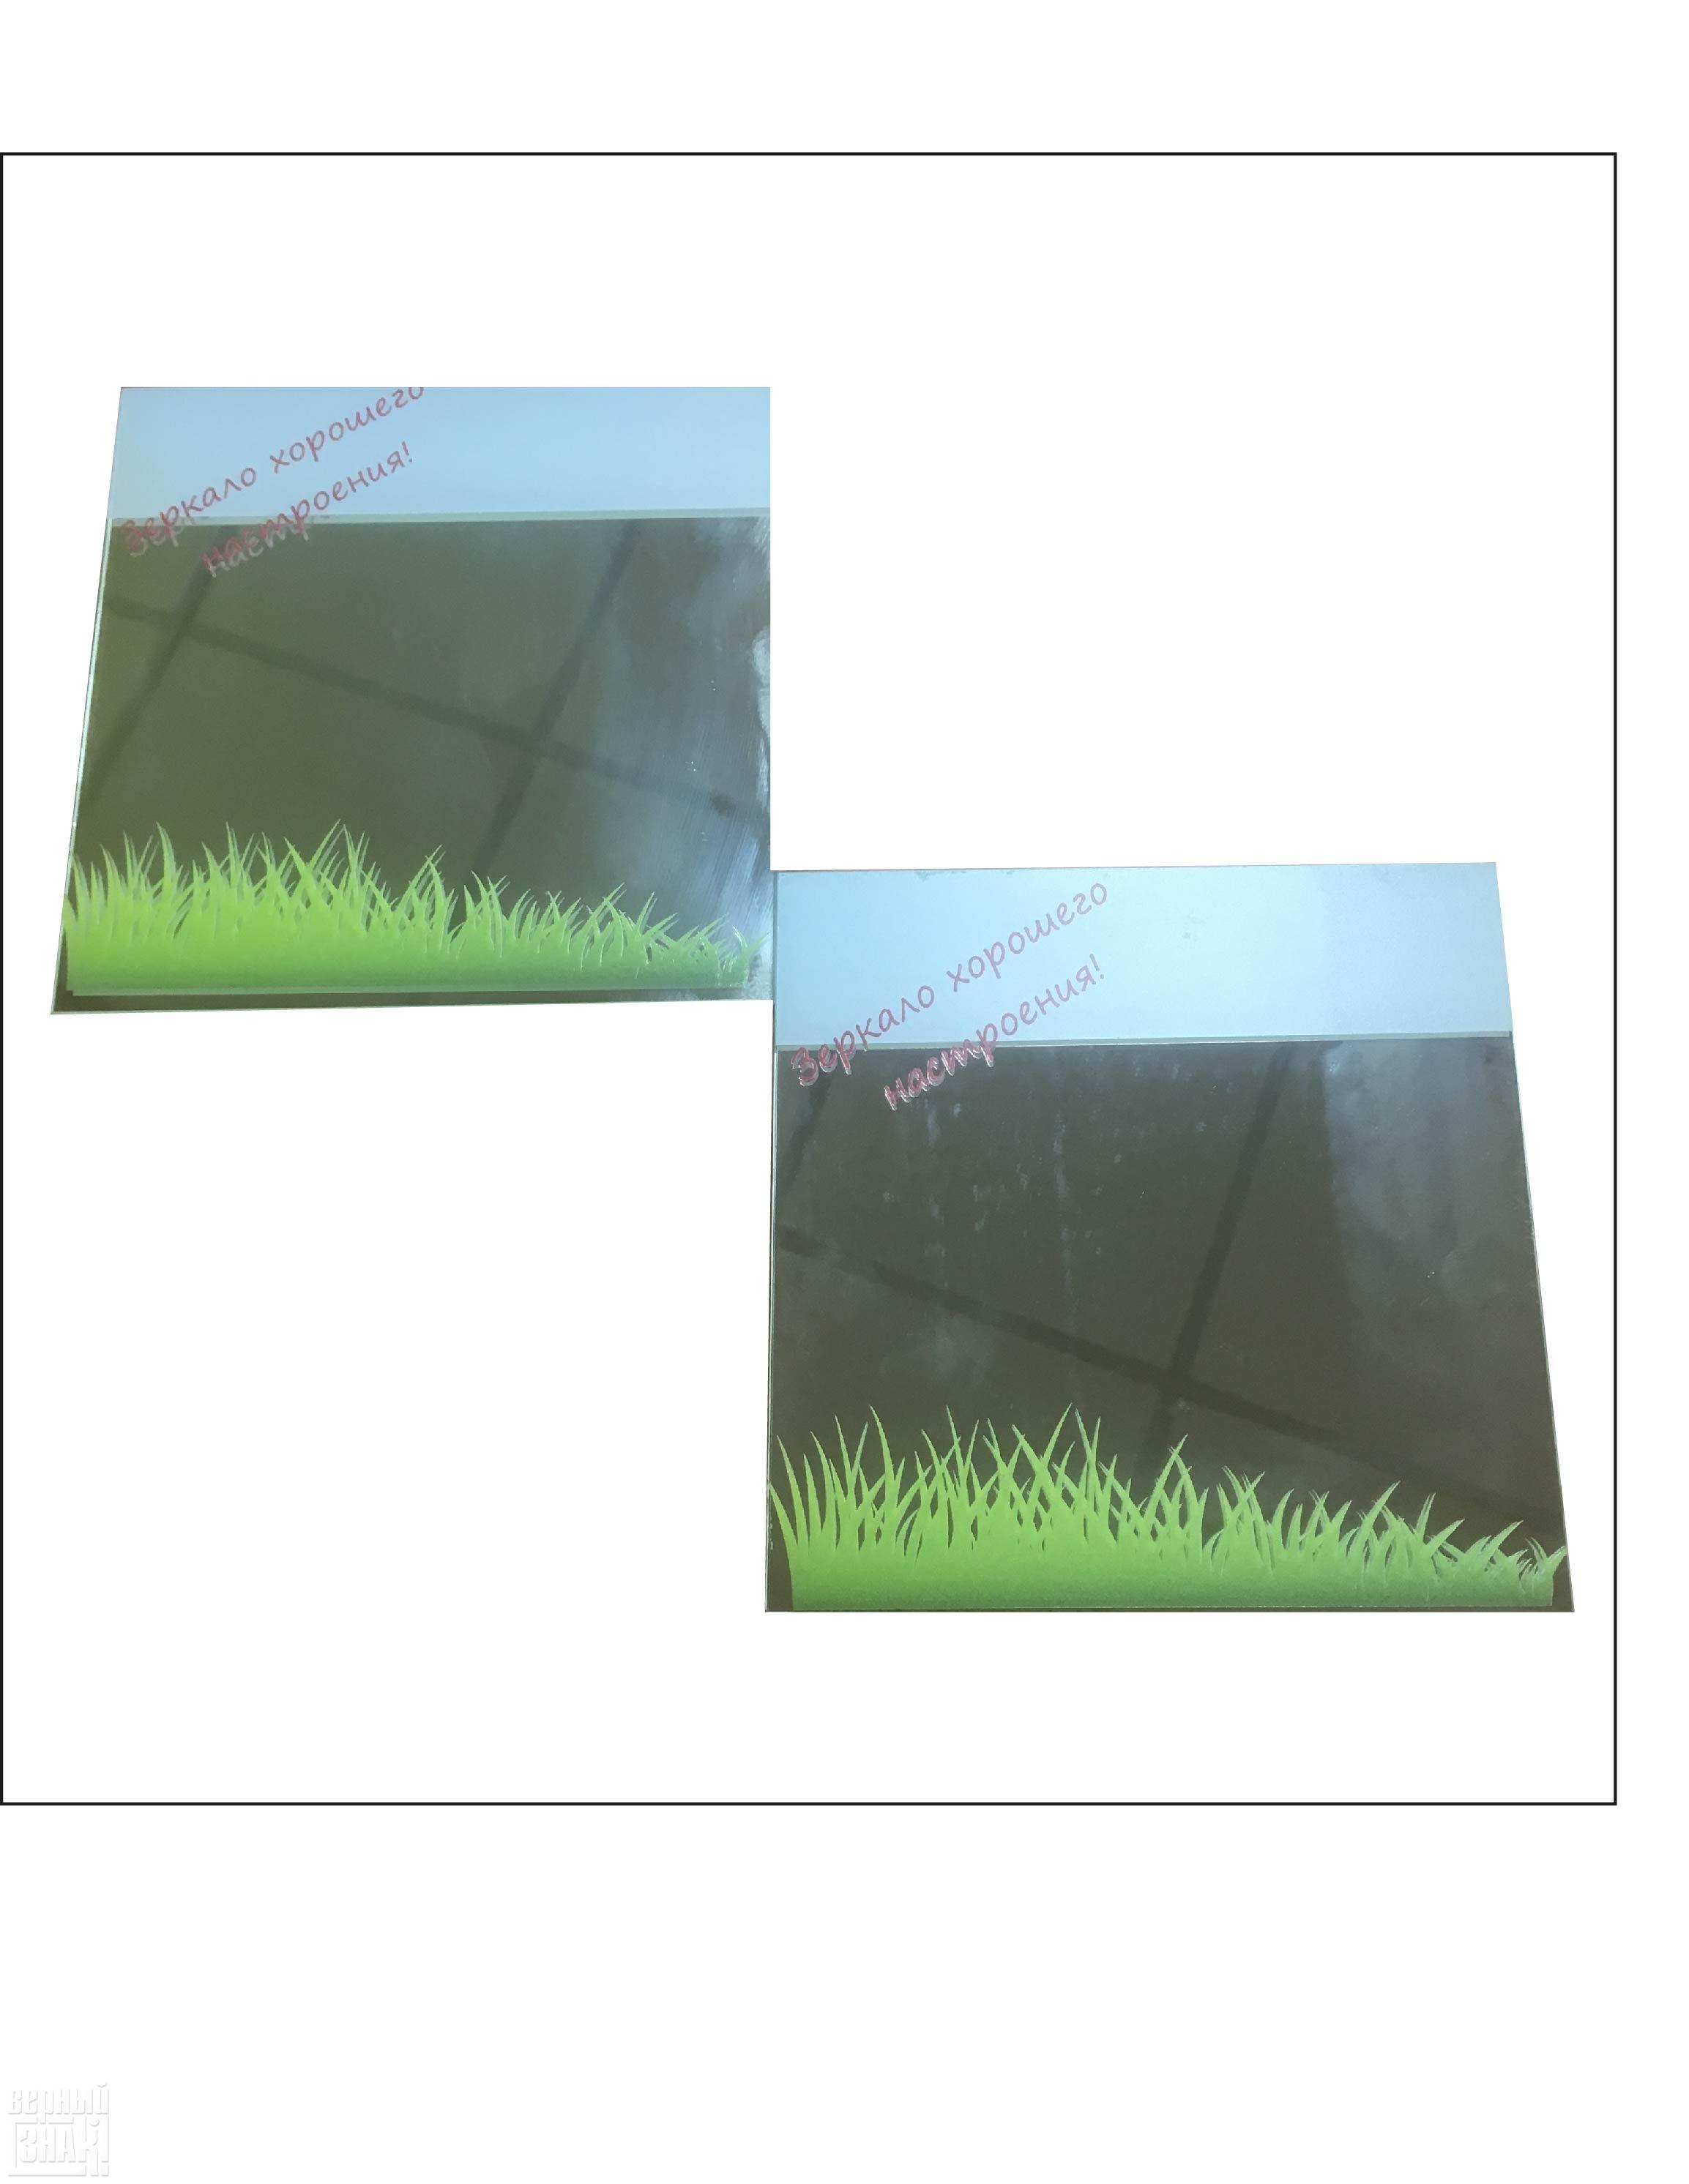 УФ печать на стекле (зеркале) 140 х 140 мм.